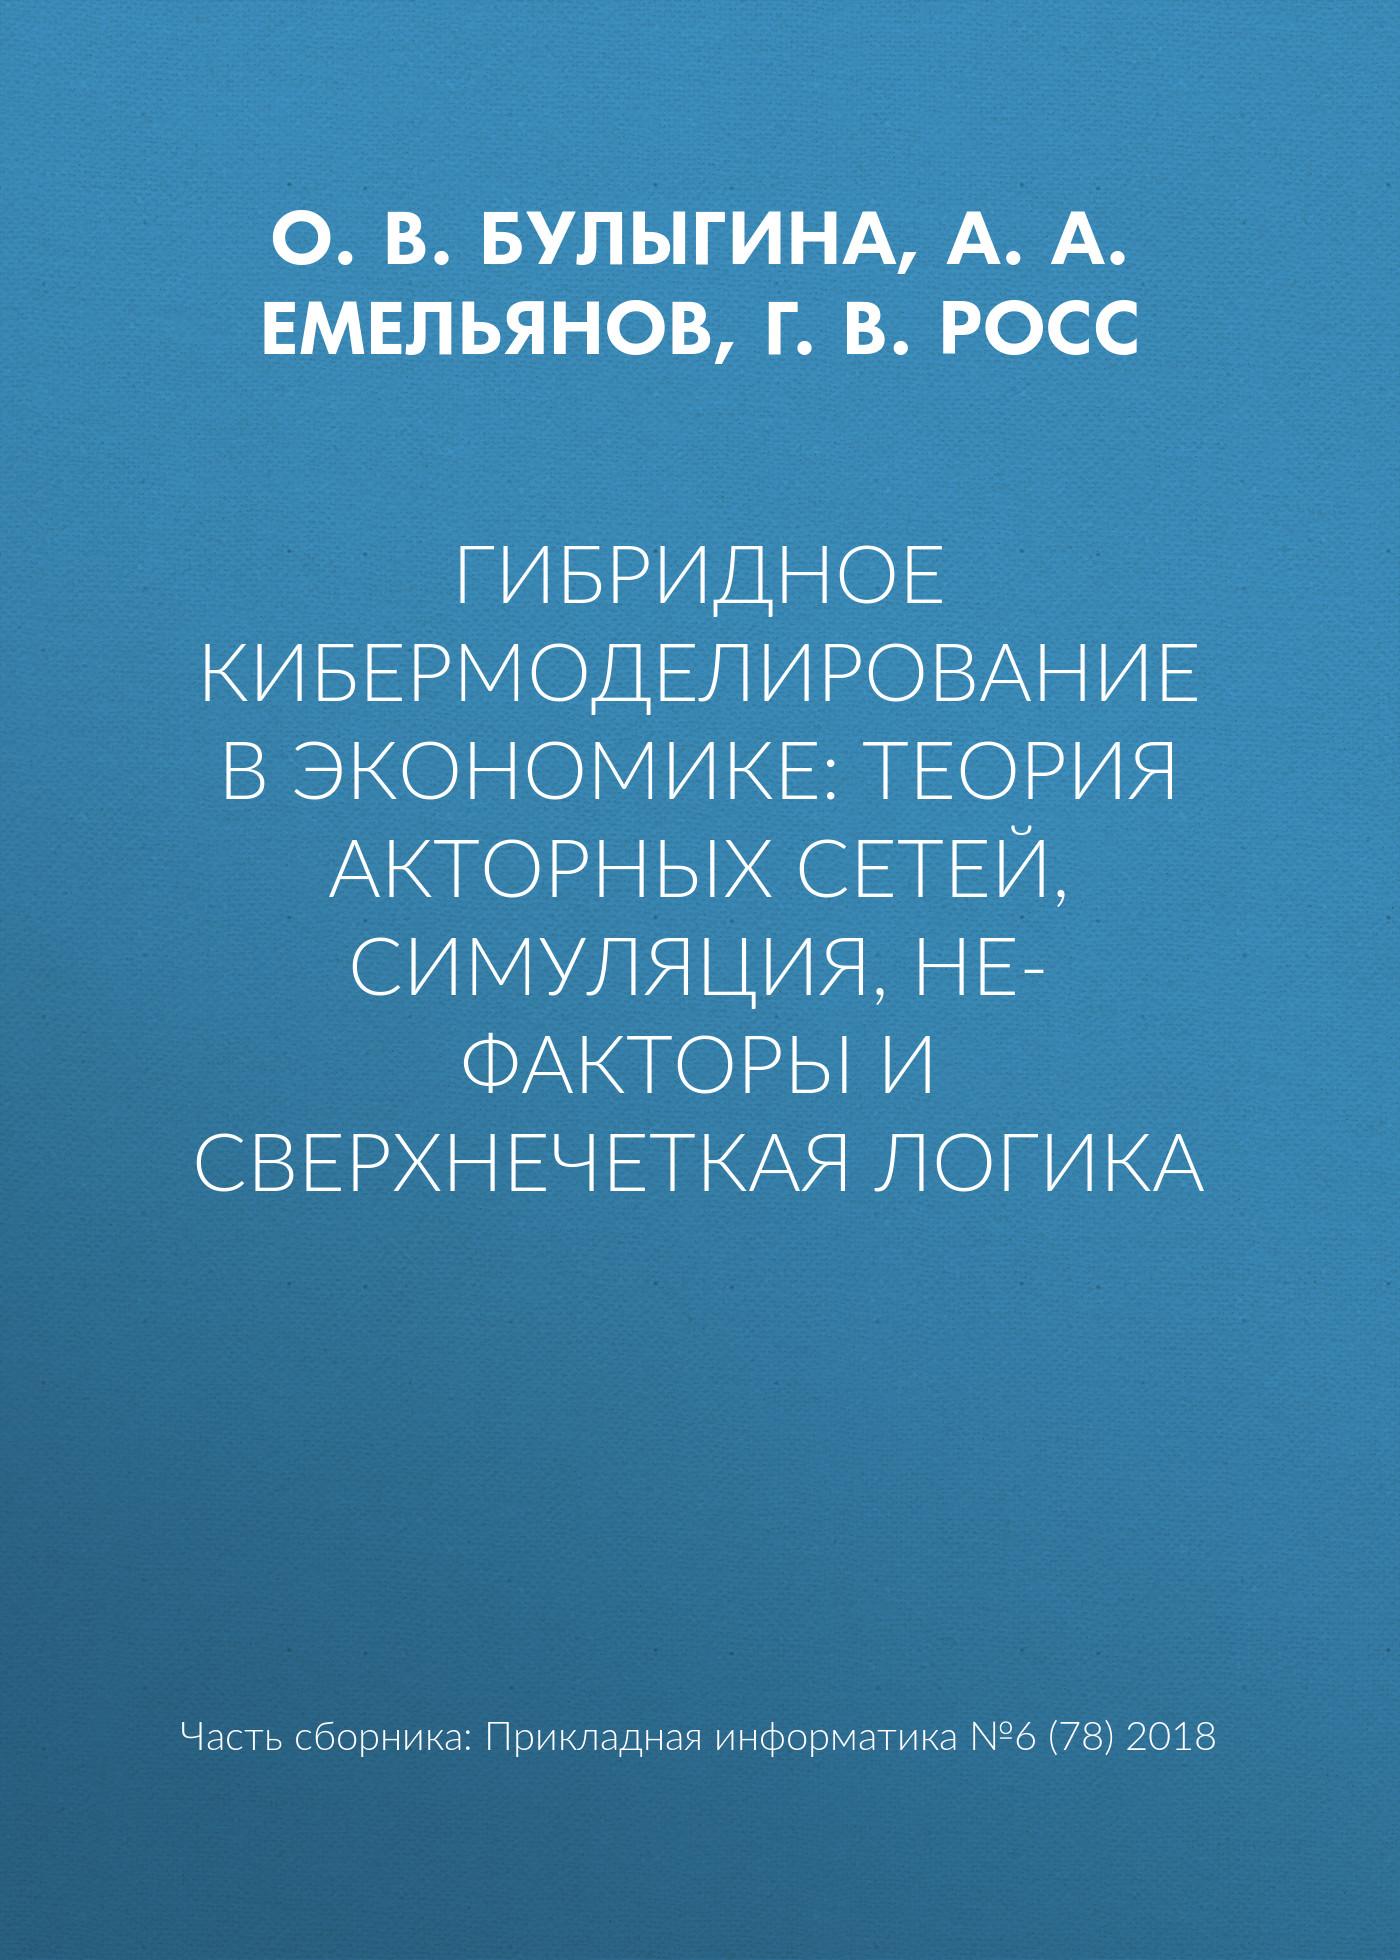 А. А. Емельянов Гибридное кибермоделирование в экономике: теория акторных сетей, симуляция, НЕ-факторы и сверхнечеткая логика